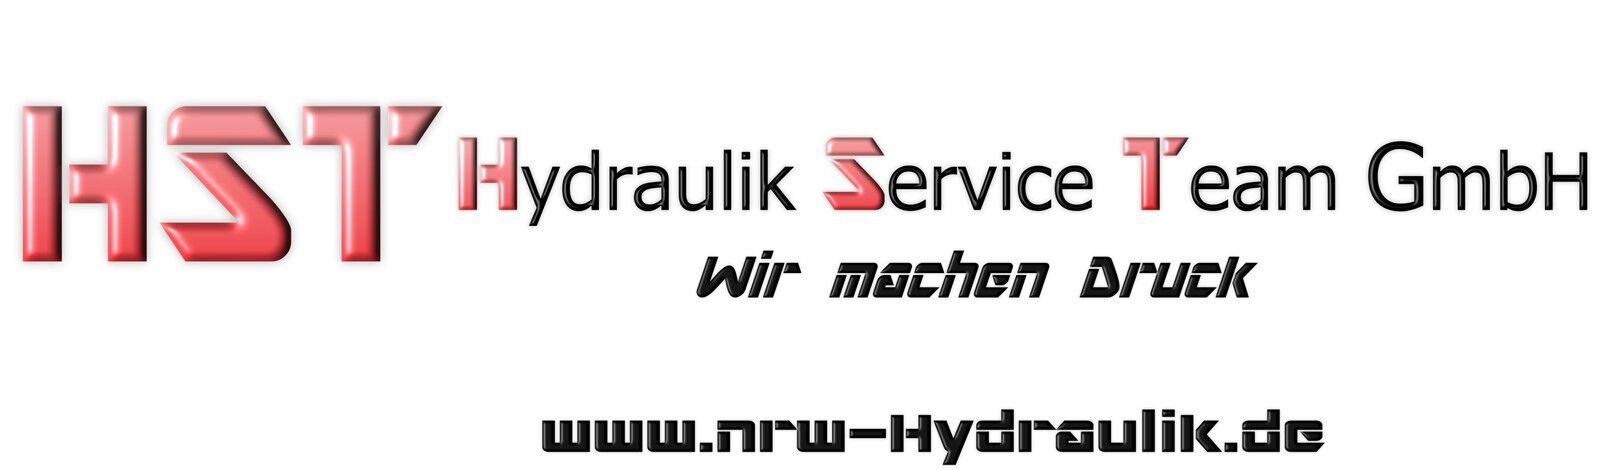 Hydraulik Service Team GmbH